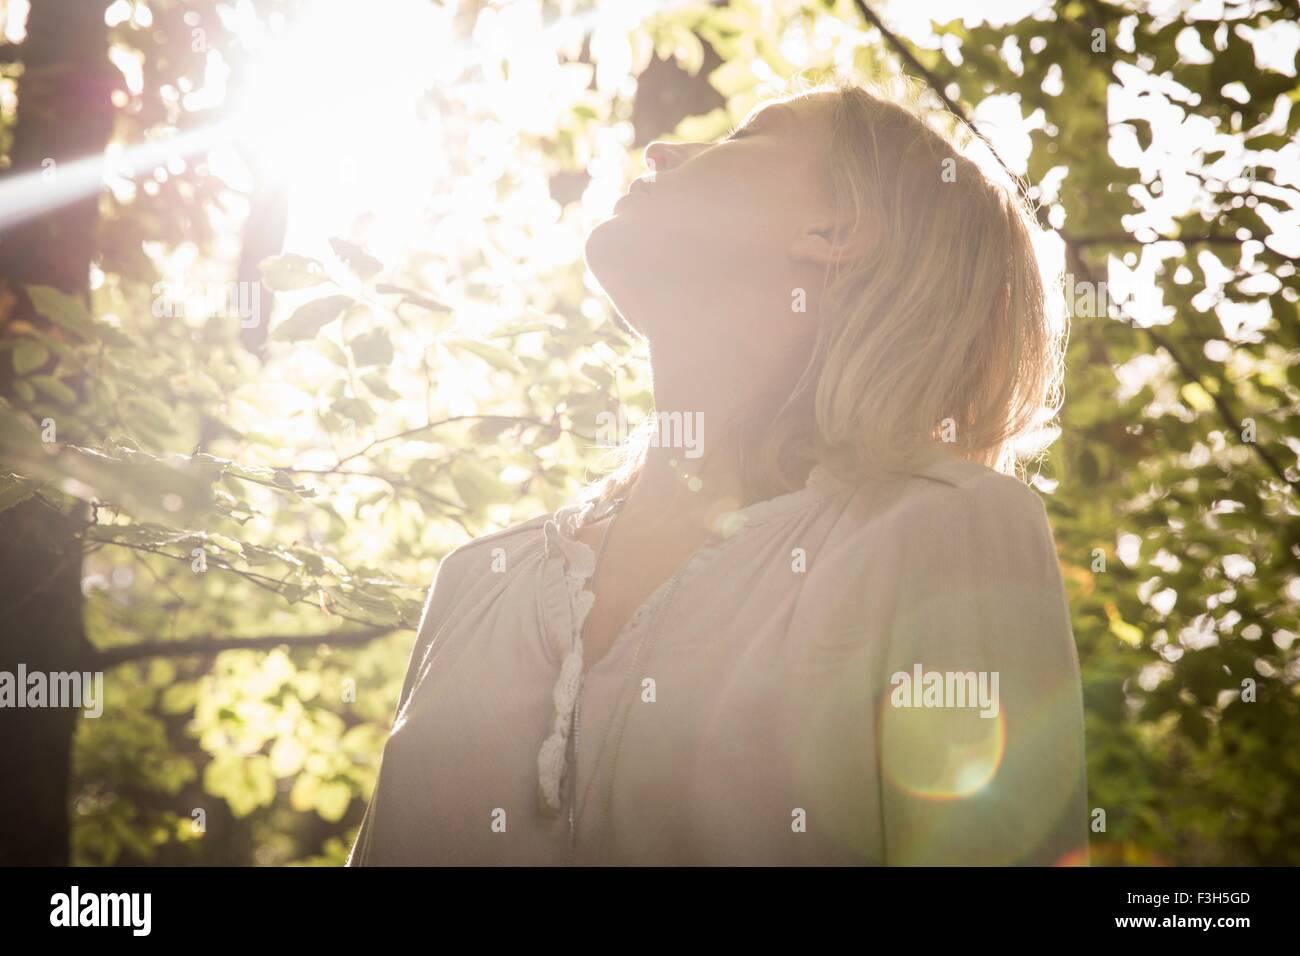 Mature Woman standing dans le flux de lumière en forêt Photo Stock